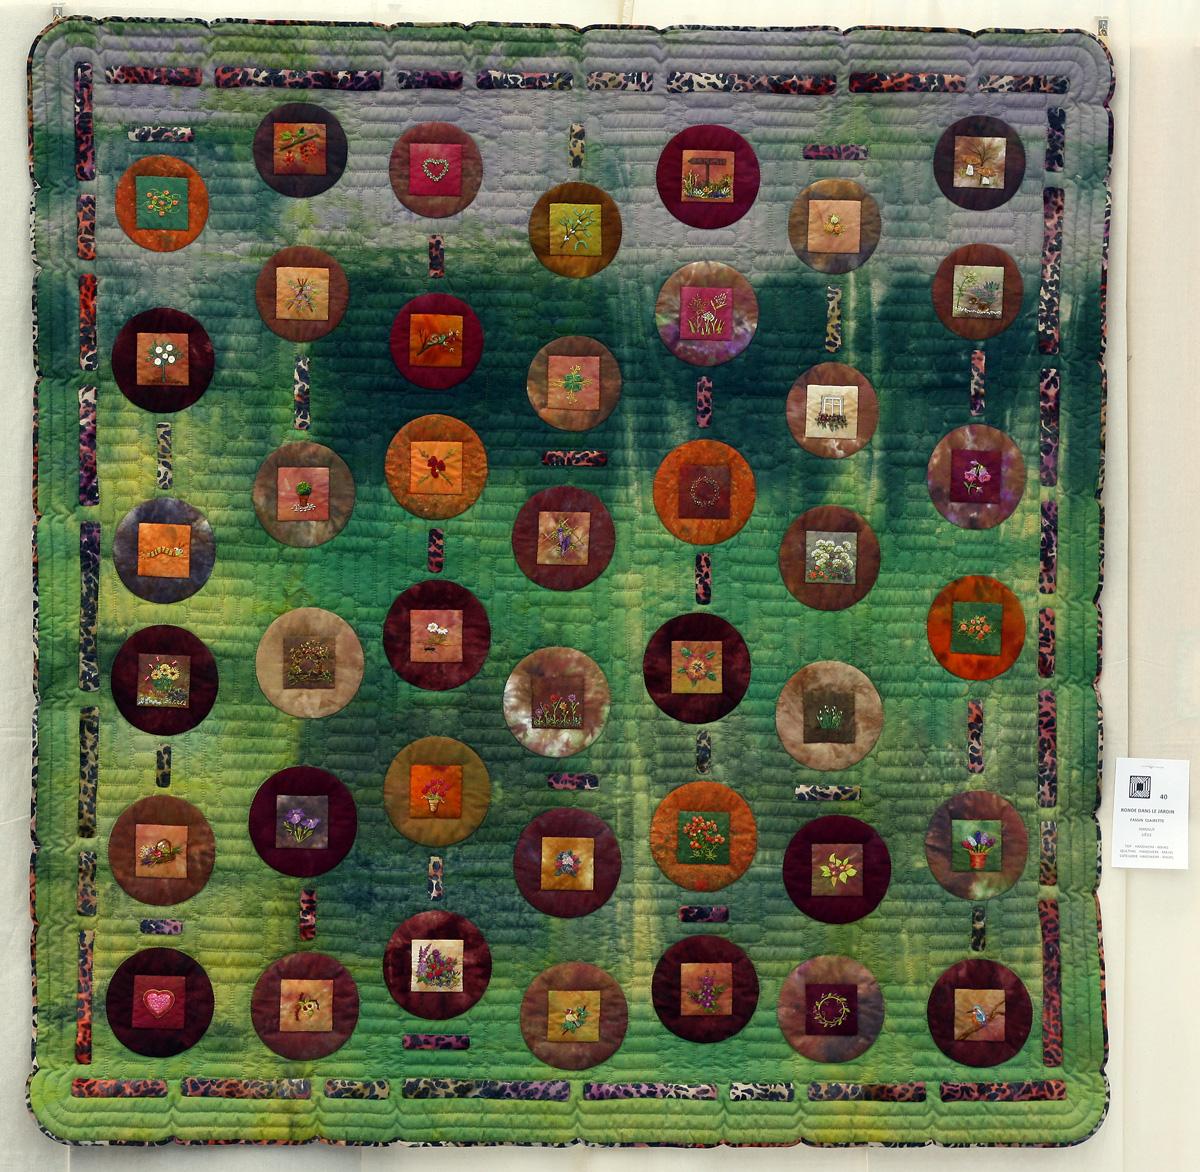 6    n°  40    84    Clairette Fassin, Liège, Ronde dans le jardin, 145 cm x 145 cm